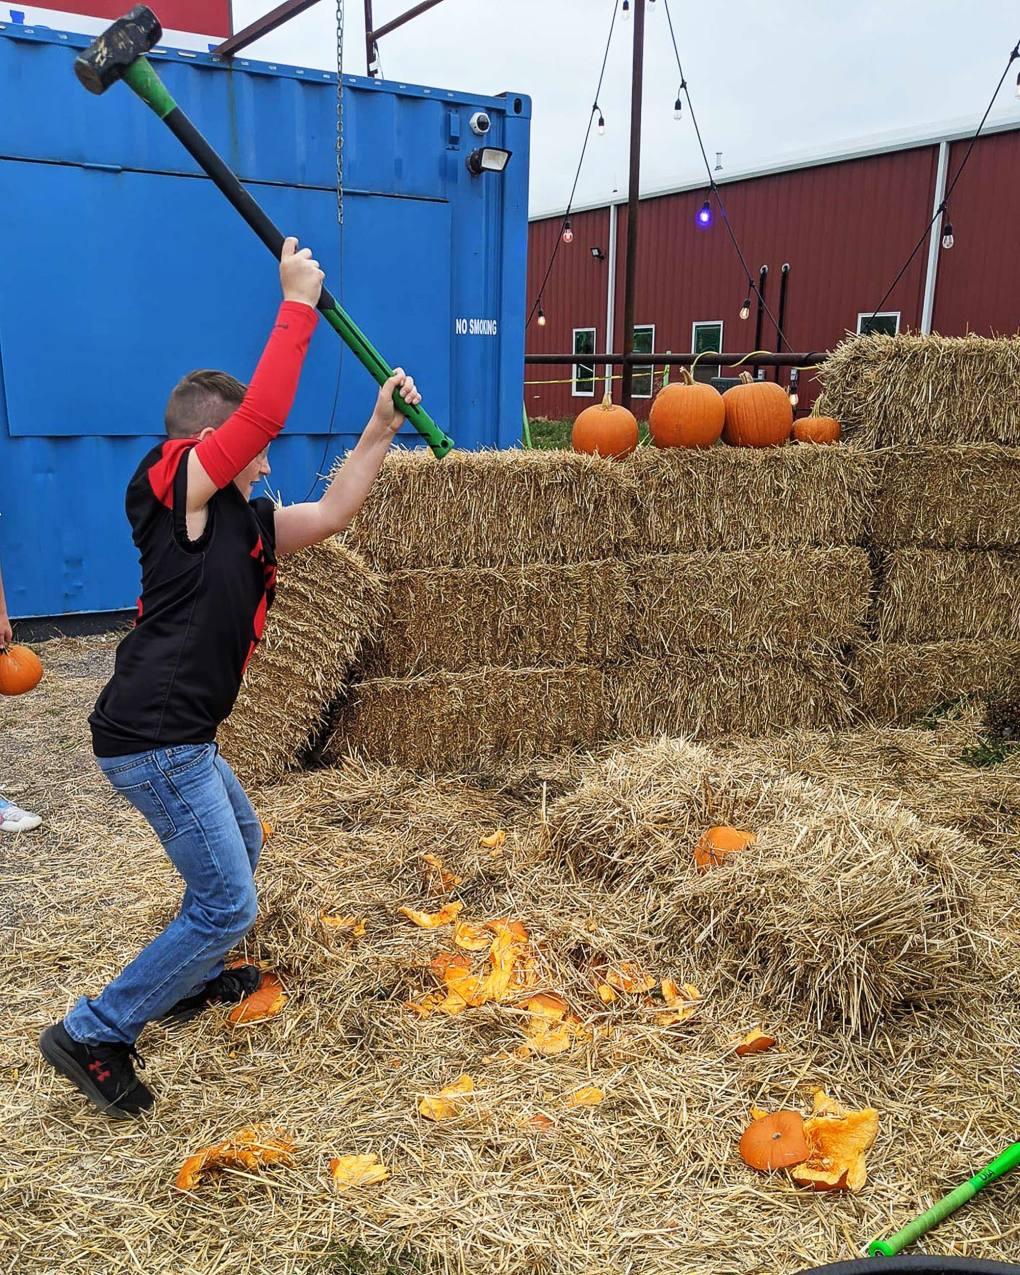 Pumpkin smashing at Pitchfork Pumpkin Patch